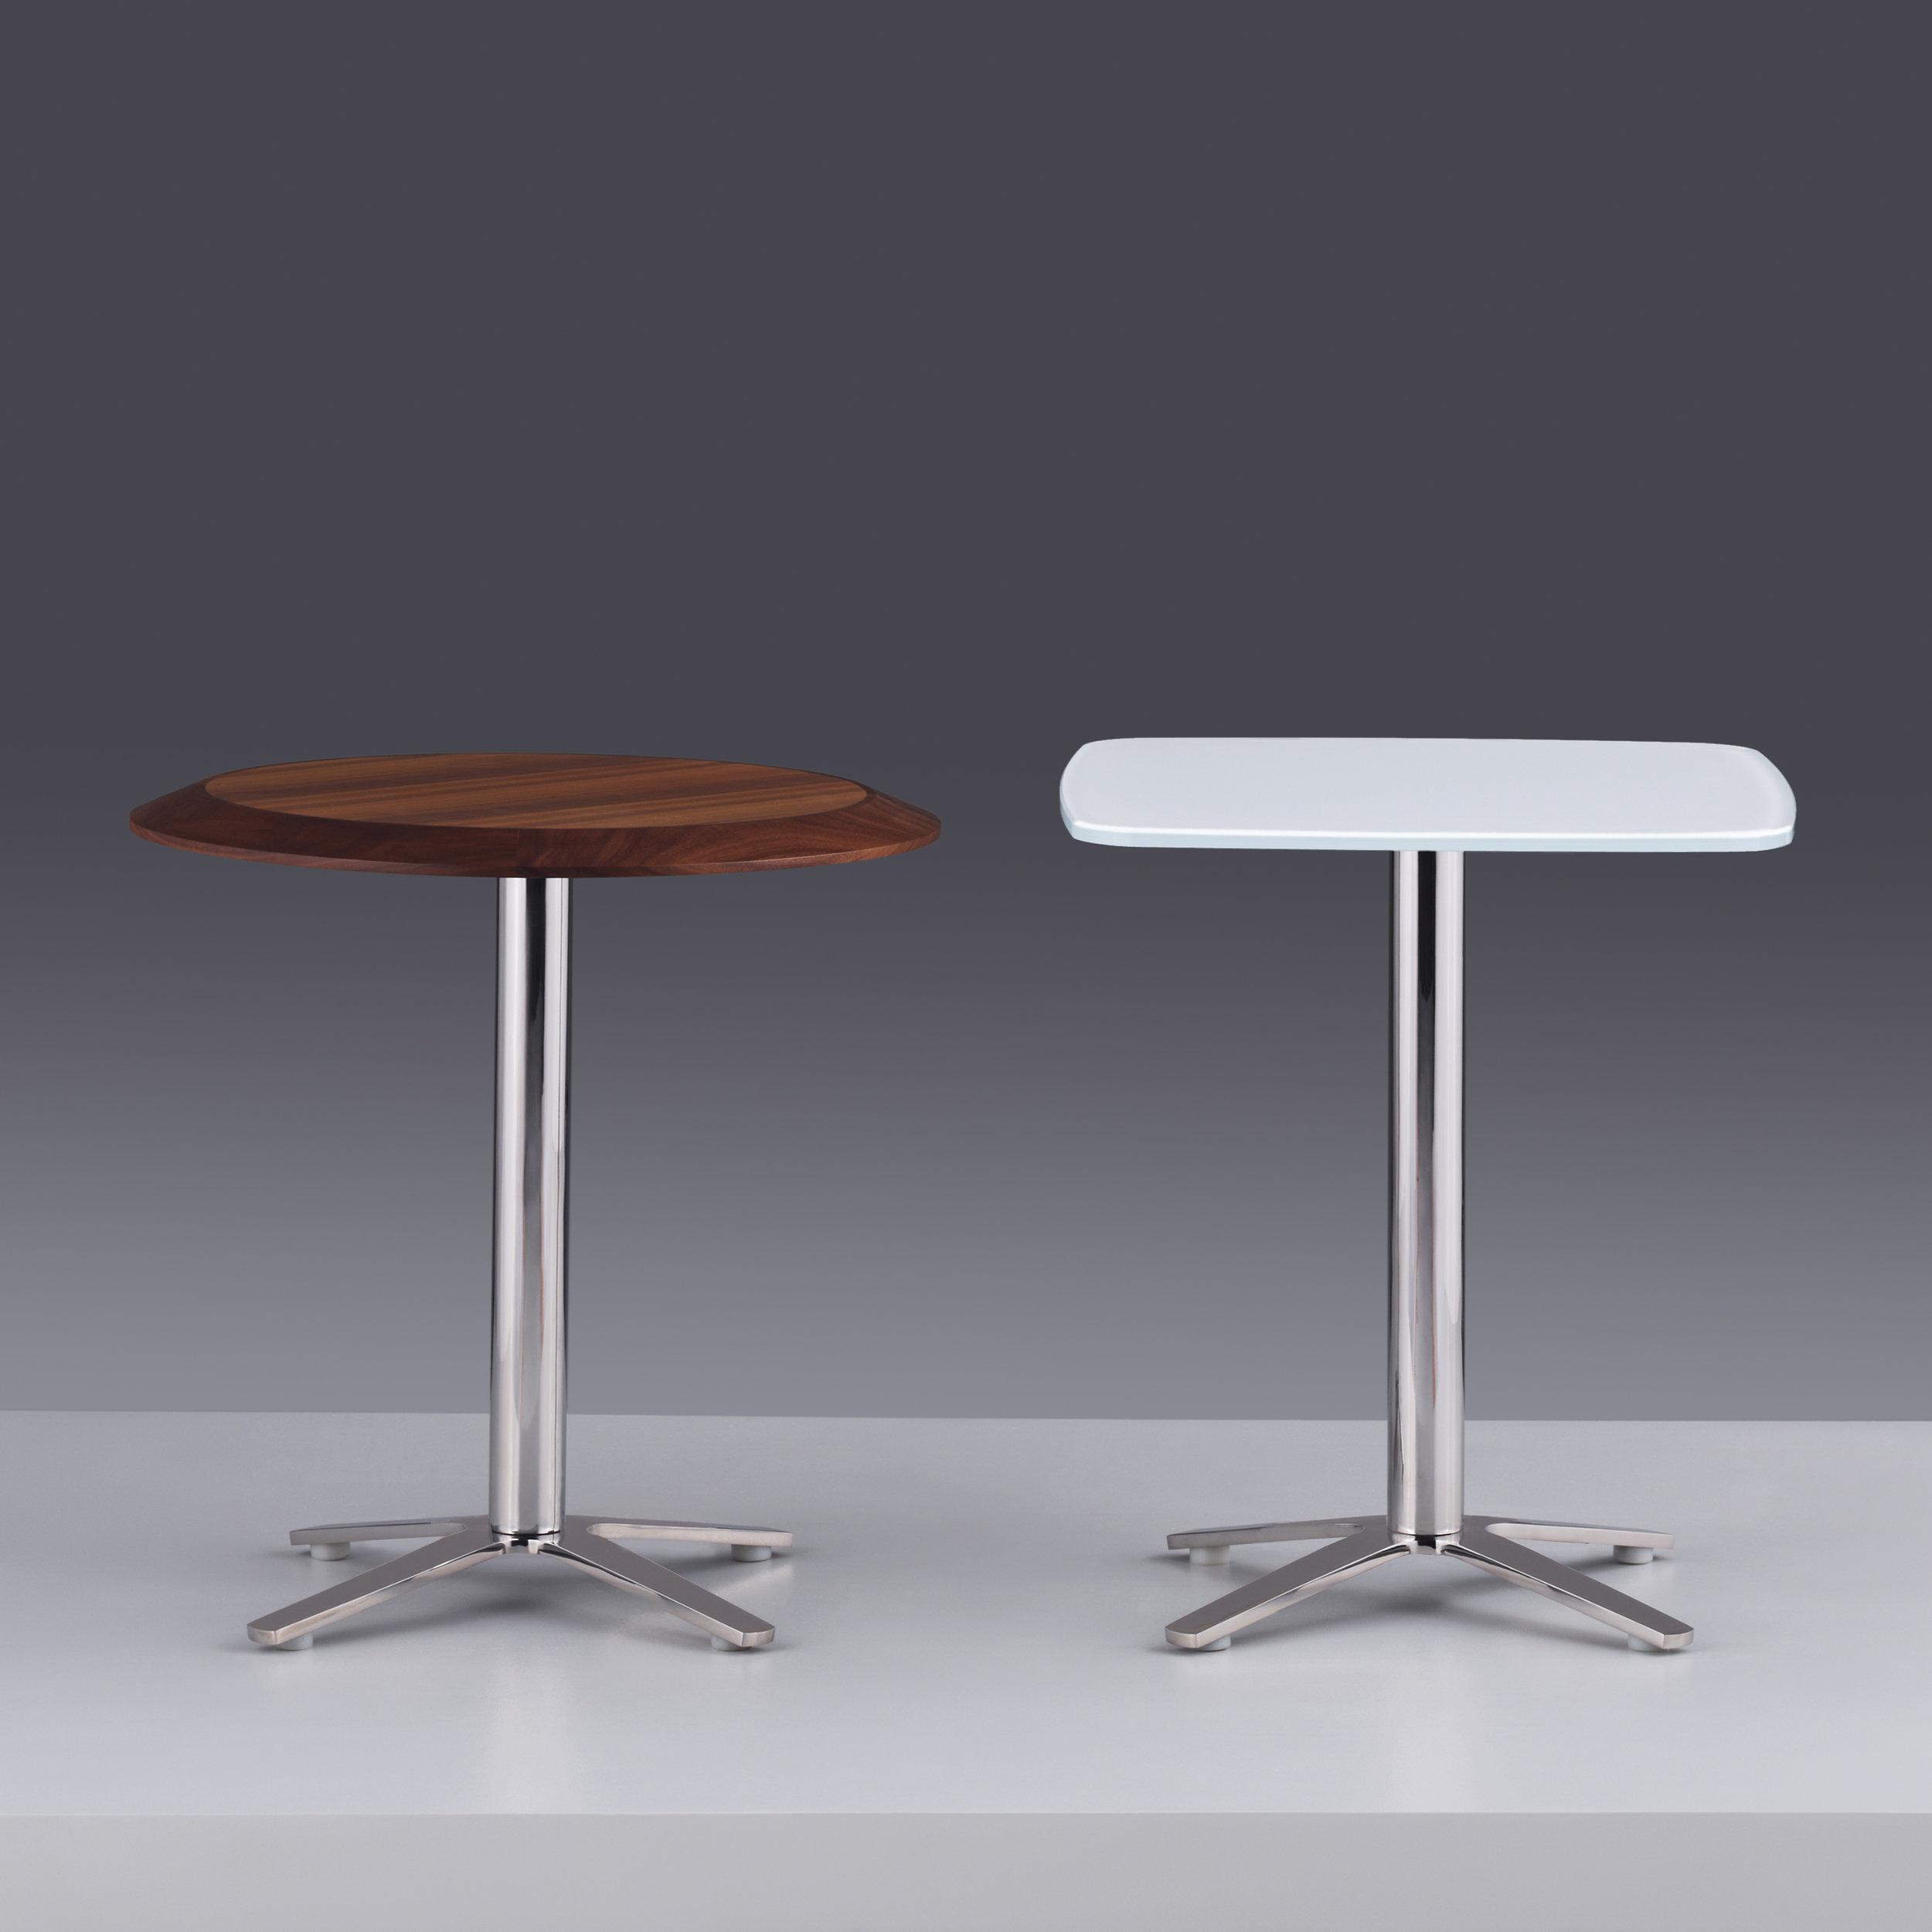 Clover_Table-2_high.jpg